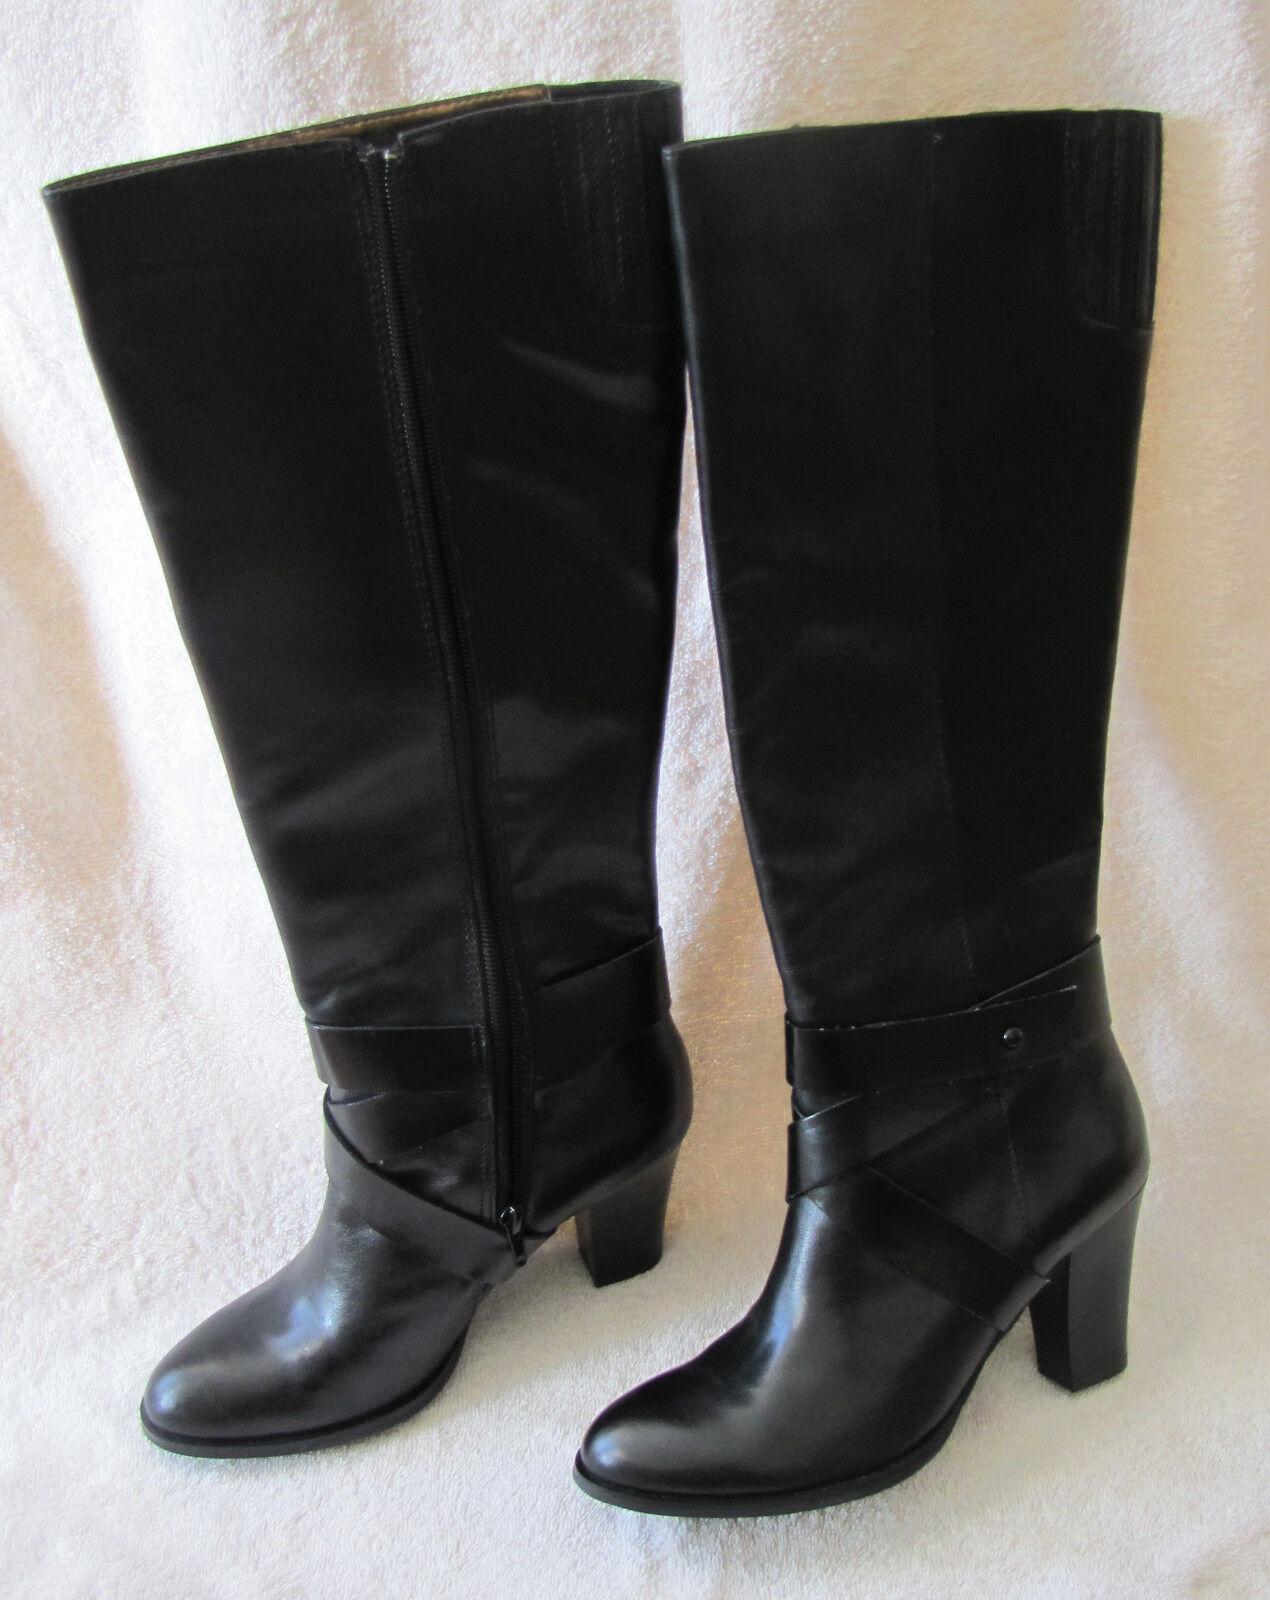 Nuevo En Caja Para Mujeres Cuero Negro Ellen Tracy Prowler rodilla Taco Alto botas Zip Vestido 7M